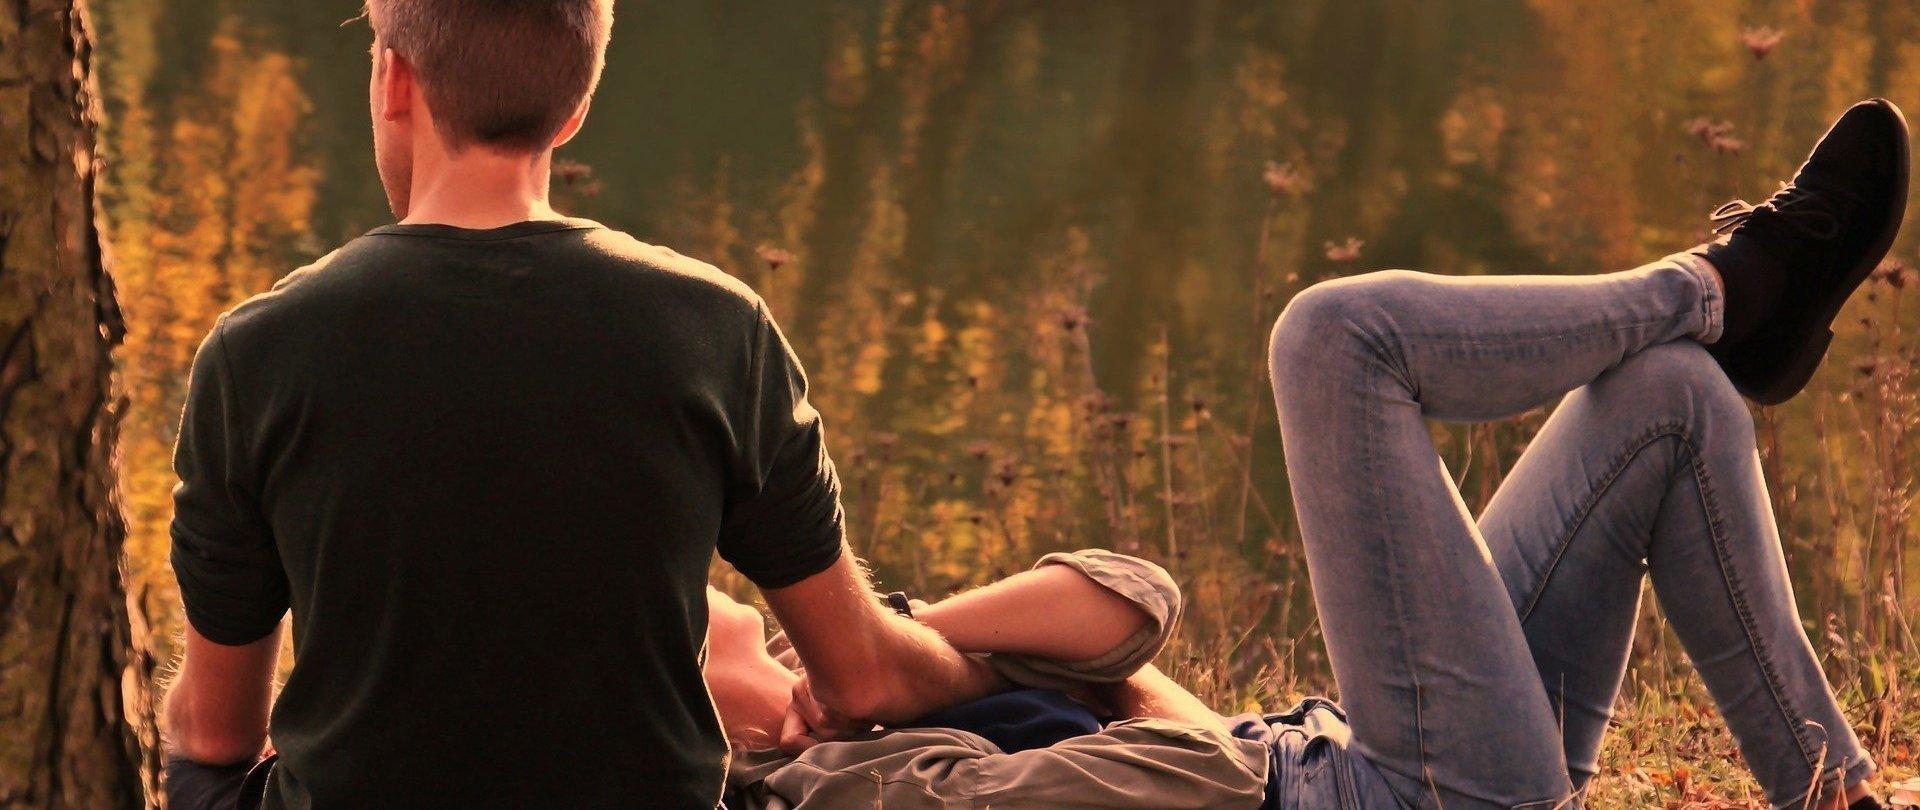 Romantisch in den Bergen